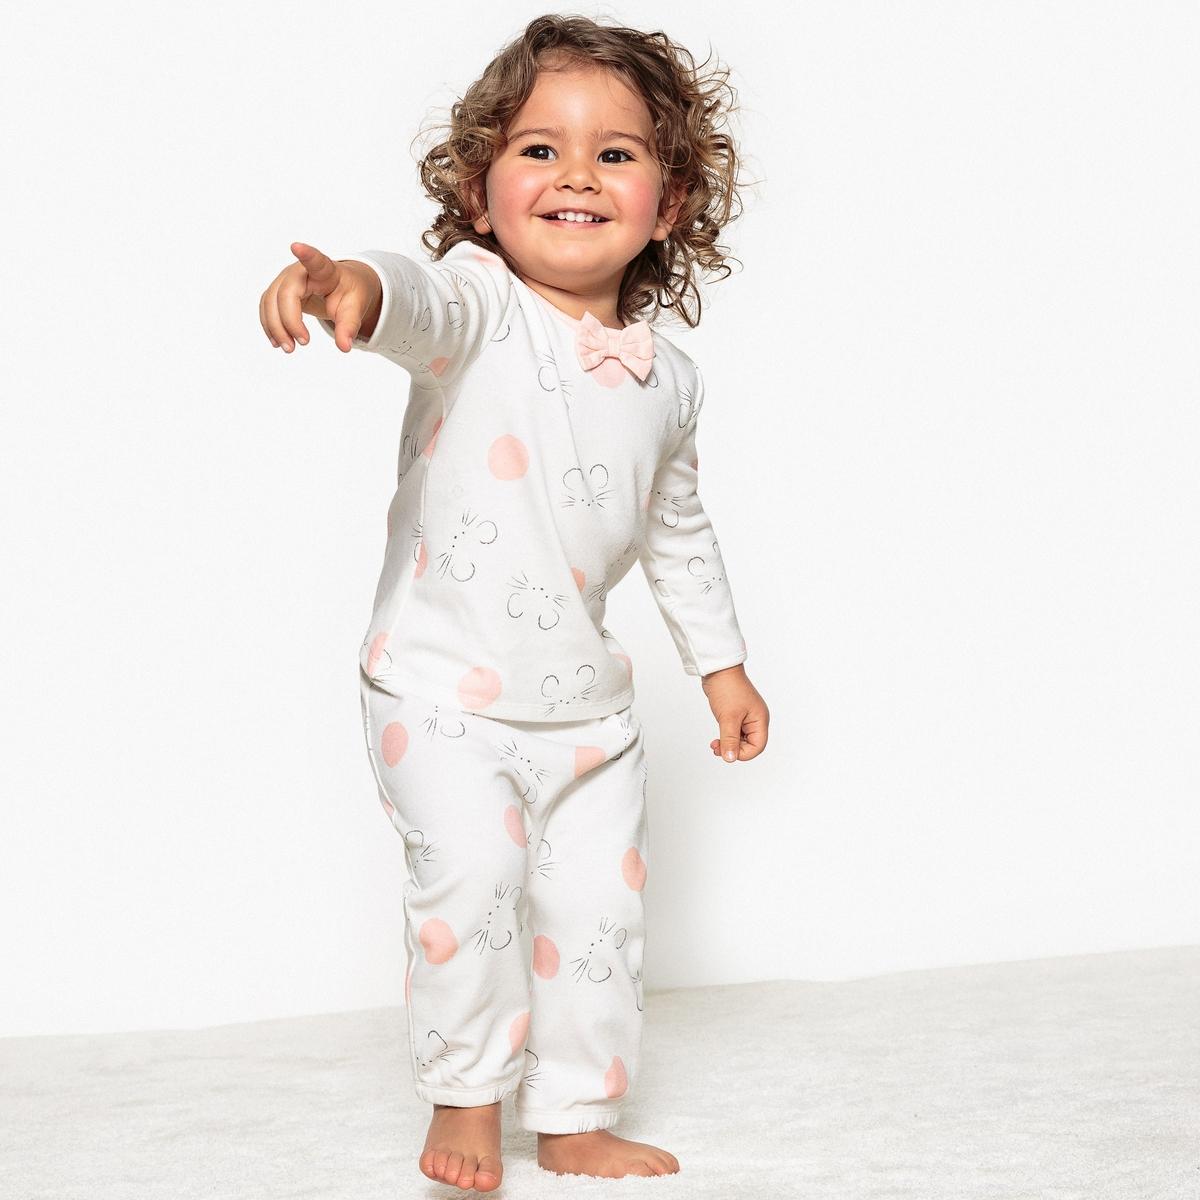 Комплект из 2 пижам с рисунком, 0 мес.- 3 годаОписание:2 пижамы из двойного ластика. Мягкие пижамы для спокойного сна малышейДетали •  2 пижамы : 1 с рисунком + 1 пижама: верх с набивным рисунком, низ в полоску. •  Длинные рукава. •  Круглый вырез. •  Носки с противоскользящими элементами для размеров от 12 месяцев  (74 см).Состав и уход •  Материал : 100% хлопок. •  Стирать с вещами схожих цветов при 40° в обычном режиме. •  Стирать и гладить с изнанки при низкой температуре. •  Деликатная сушка в машинке.Товарный знак Oeko-Tex®. Знак Oeko-Tex® гарантирует, что товары прошли проверку и были изготовлены без применения вредных для здоровья человека веществ.<br><br>Цвет: розовый + экрю<br>Размер: 3 года - 94 см